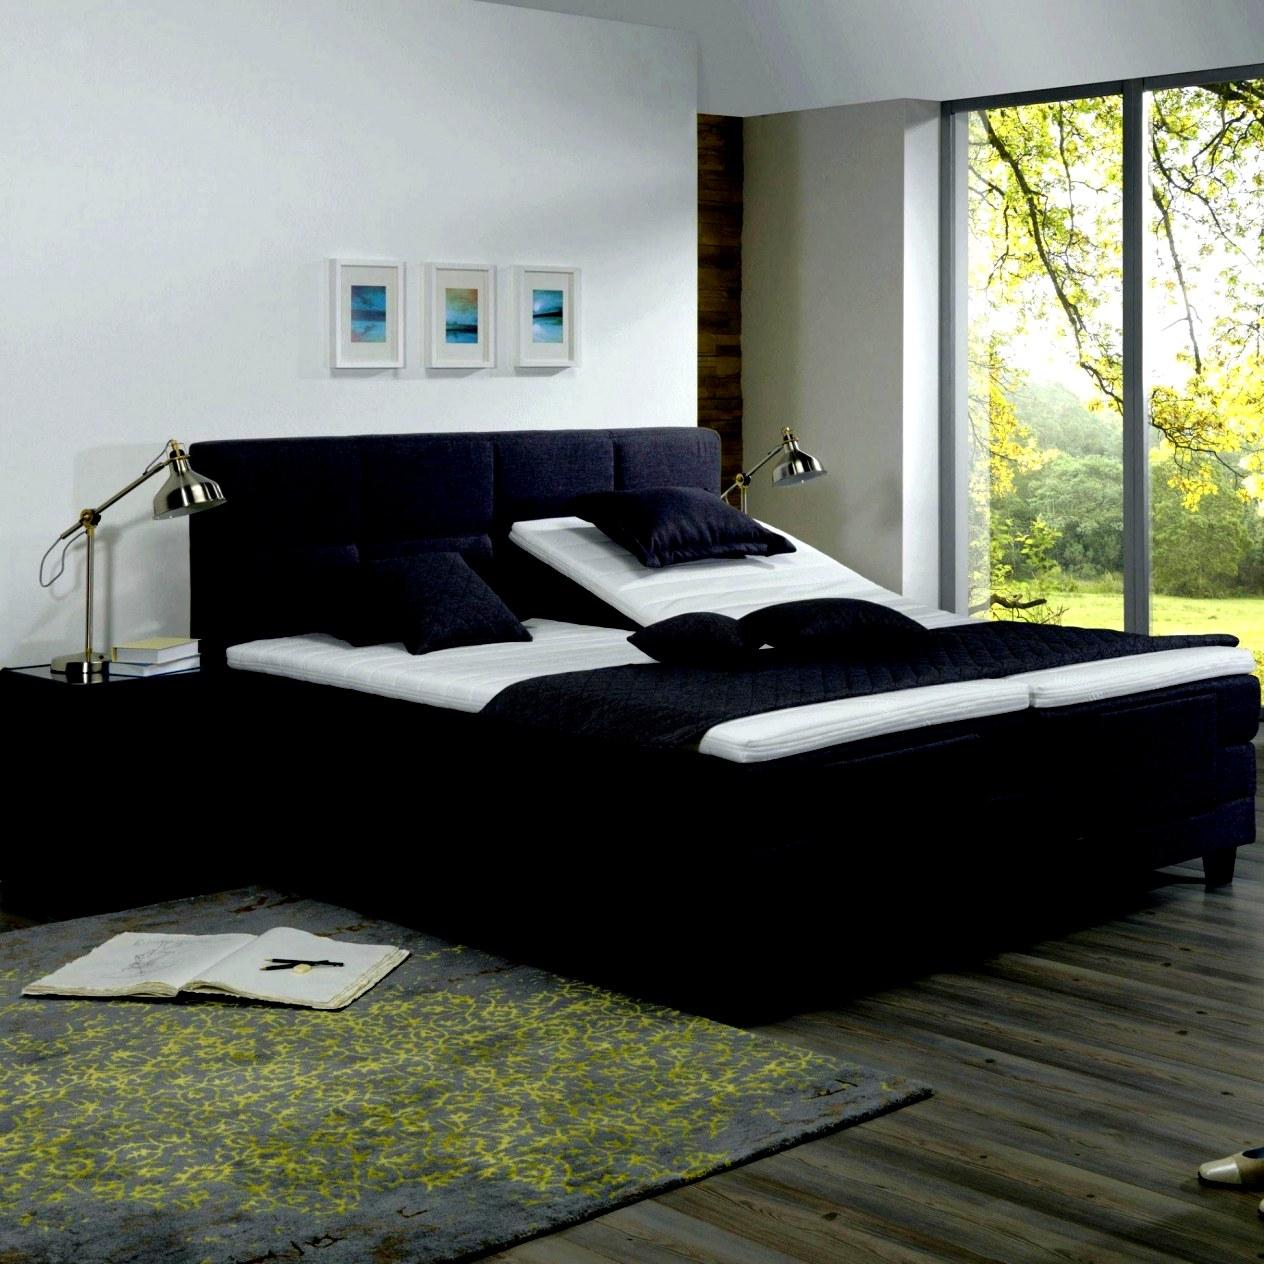 Full Size of Bett Xxl Great With Weiße Betten Landhausstil Massiv Hamburg Luxus Frankfurt Ebay Japanische Mit Matratze Und Lattenrost 140x200 Runde Aus Holz Köln Flexa Bett Xxl Betten